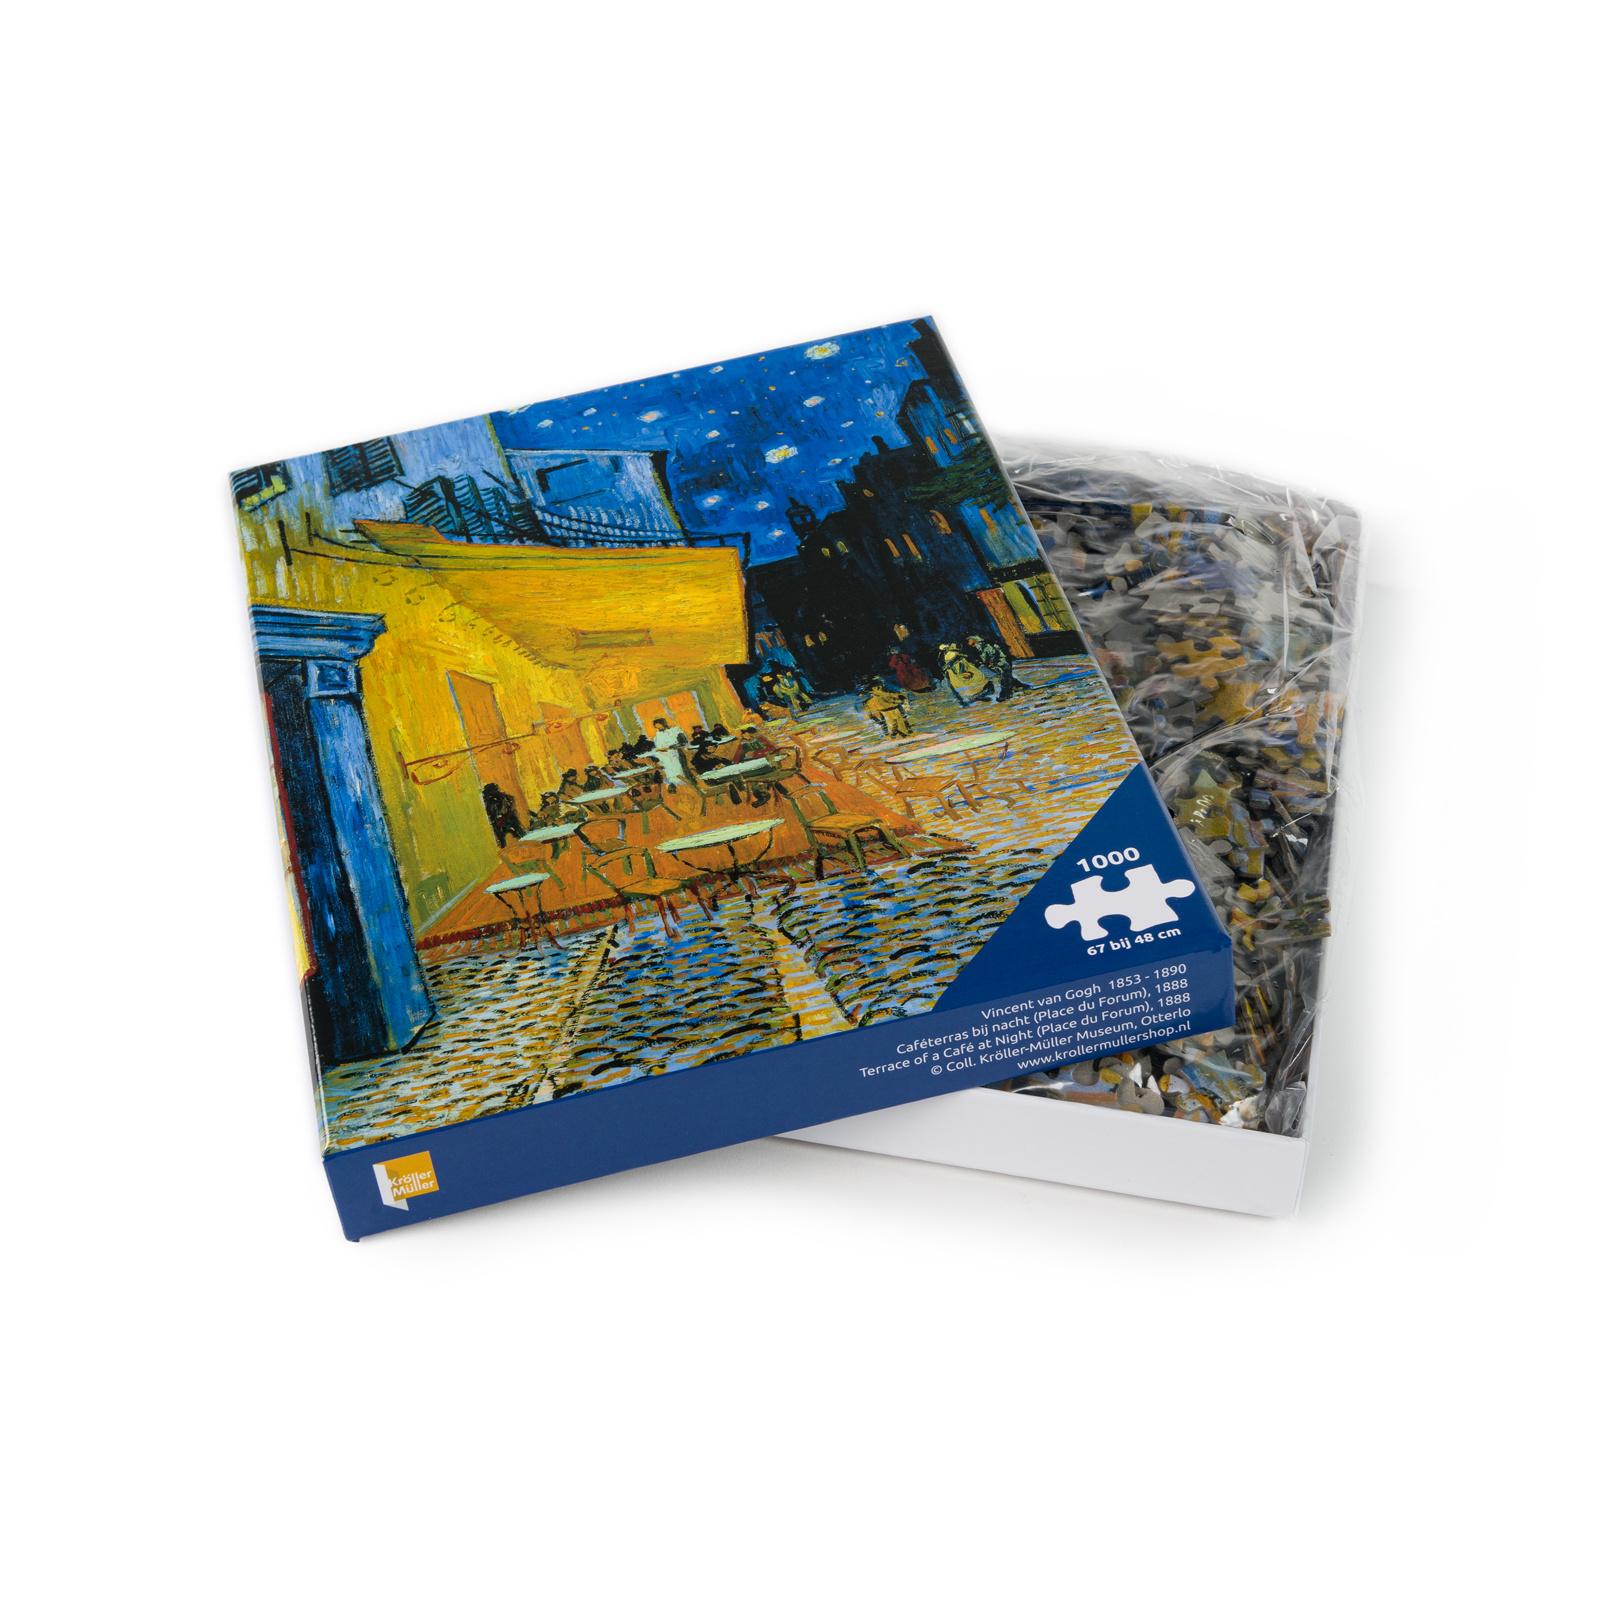 Van Gogh Puzzel kopen